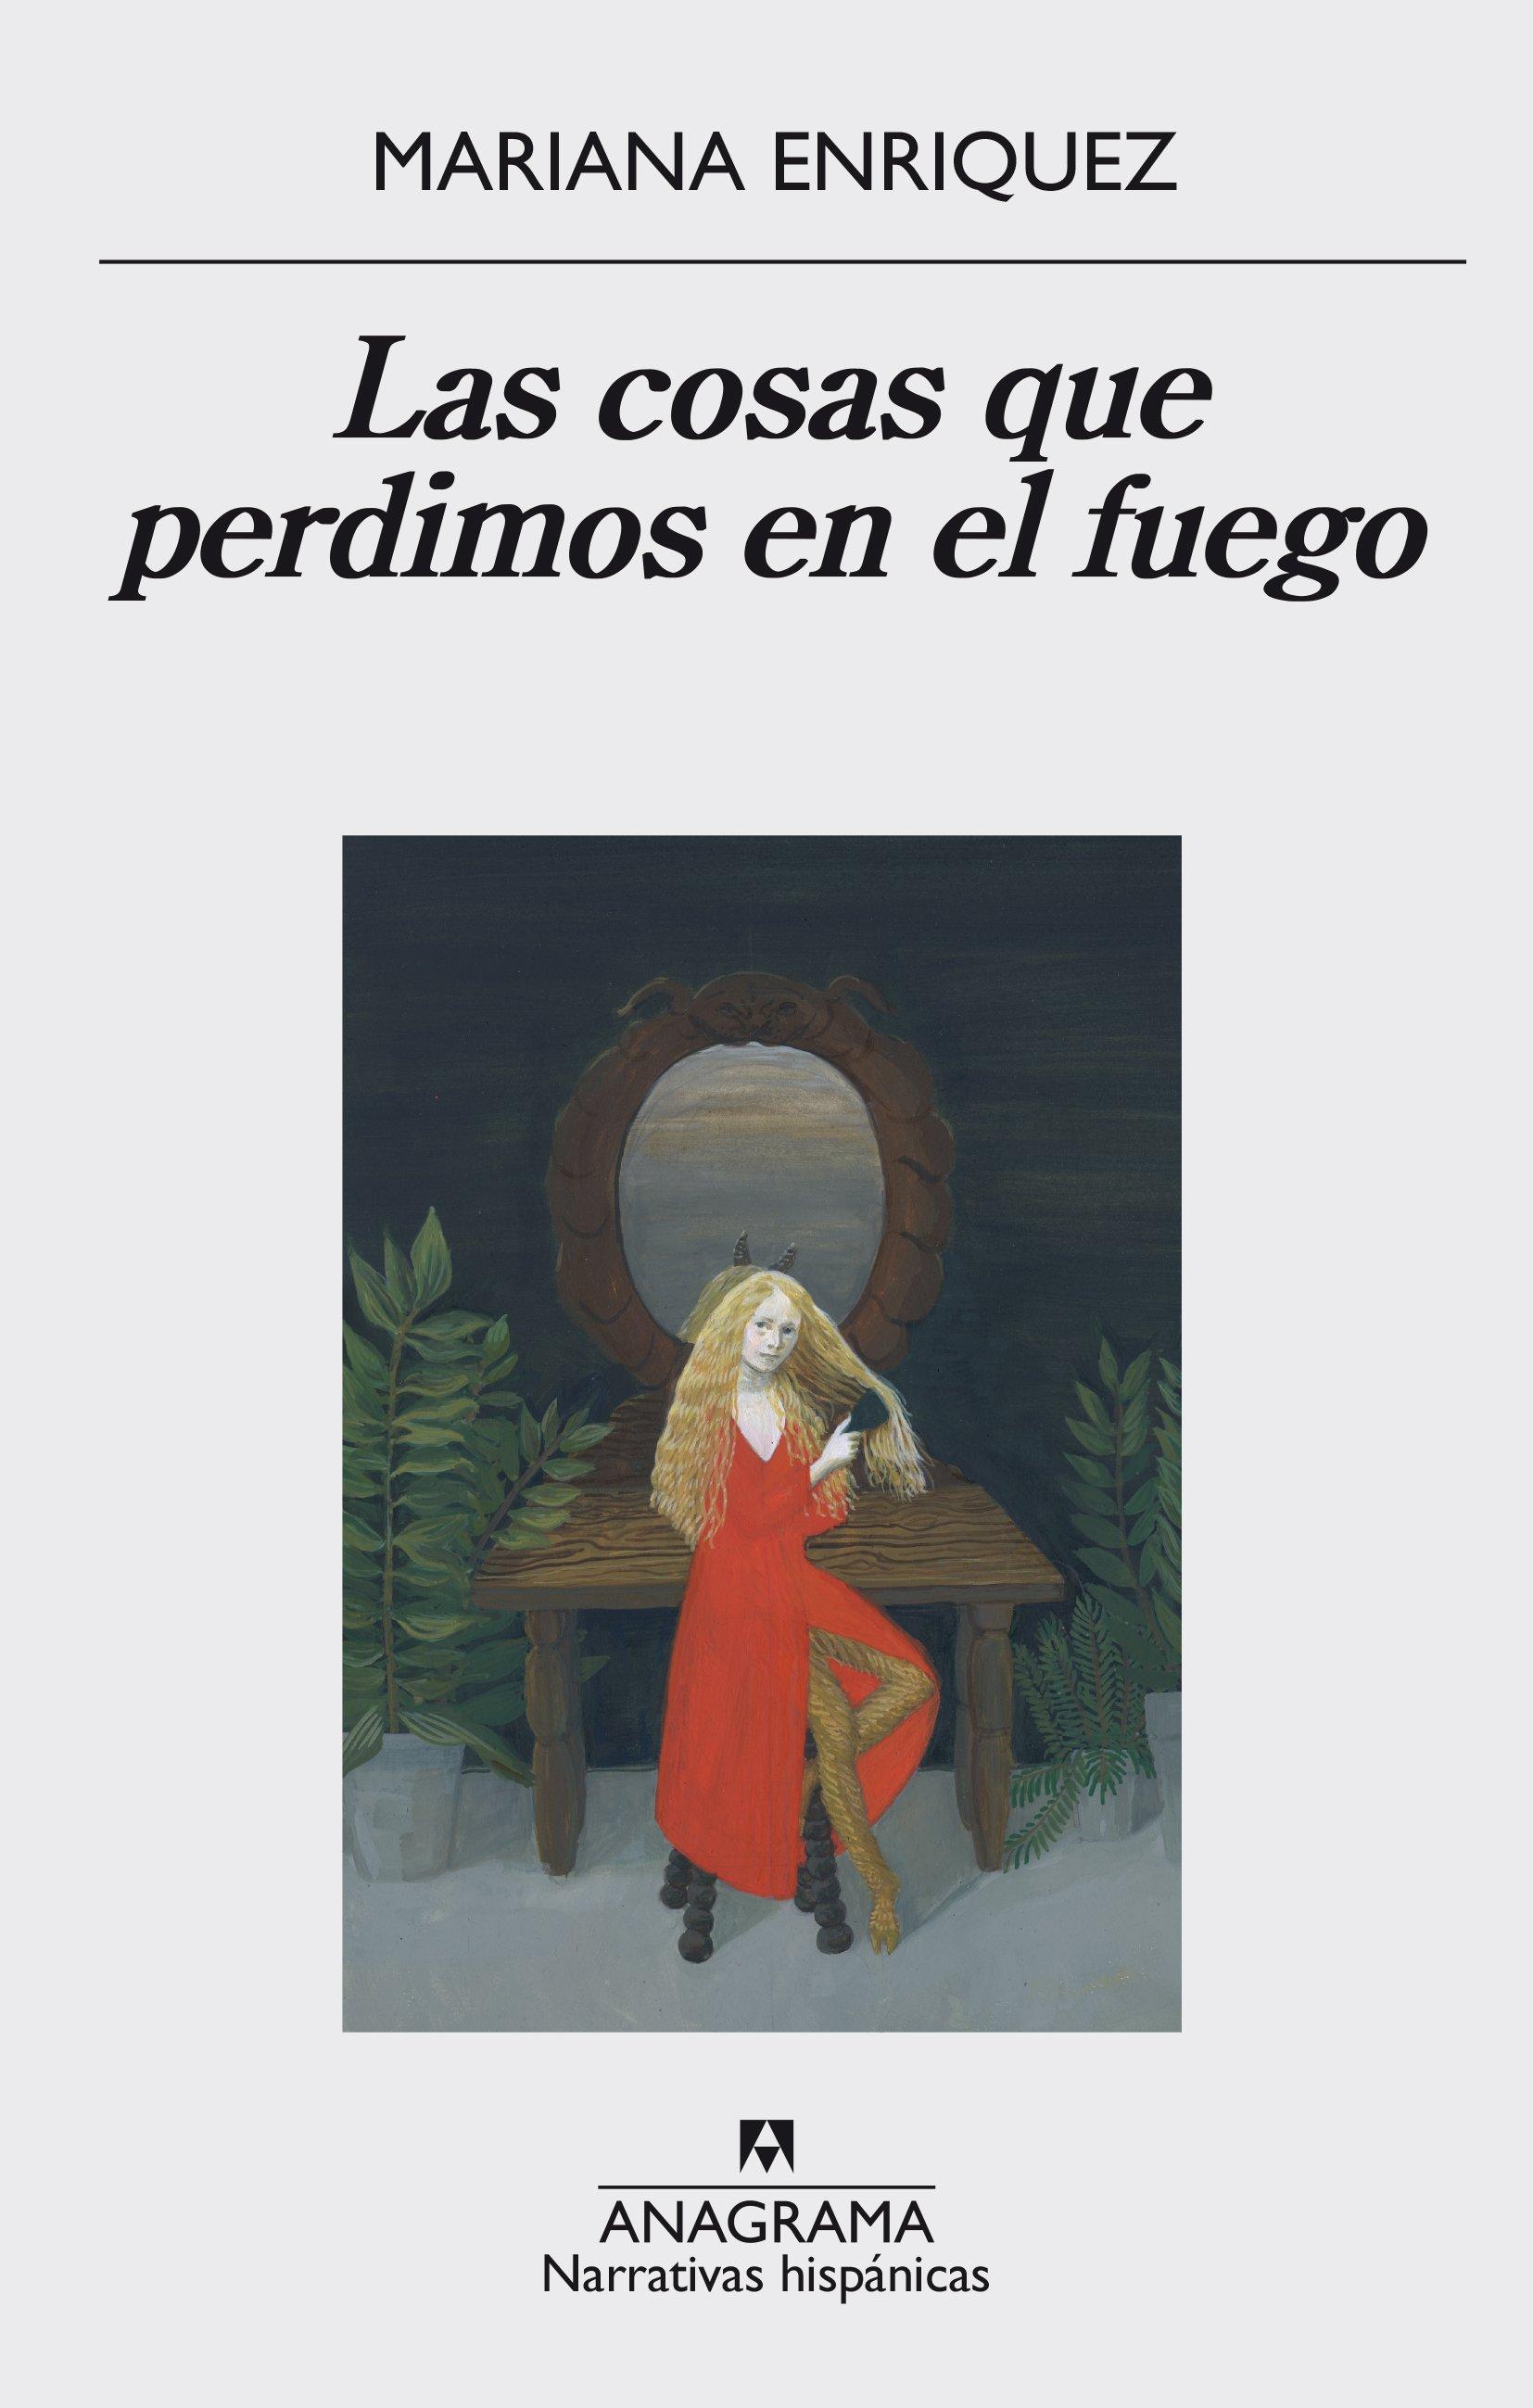 Resultado de imagen de Las cosas que perdimos en el fuego, de Mariana Enríquez